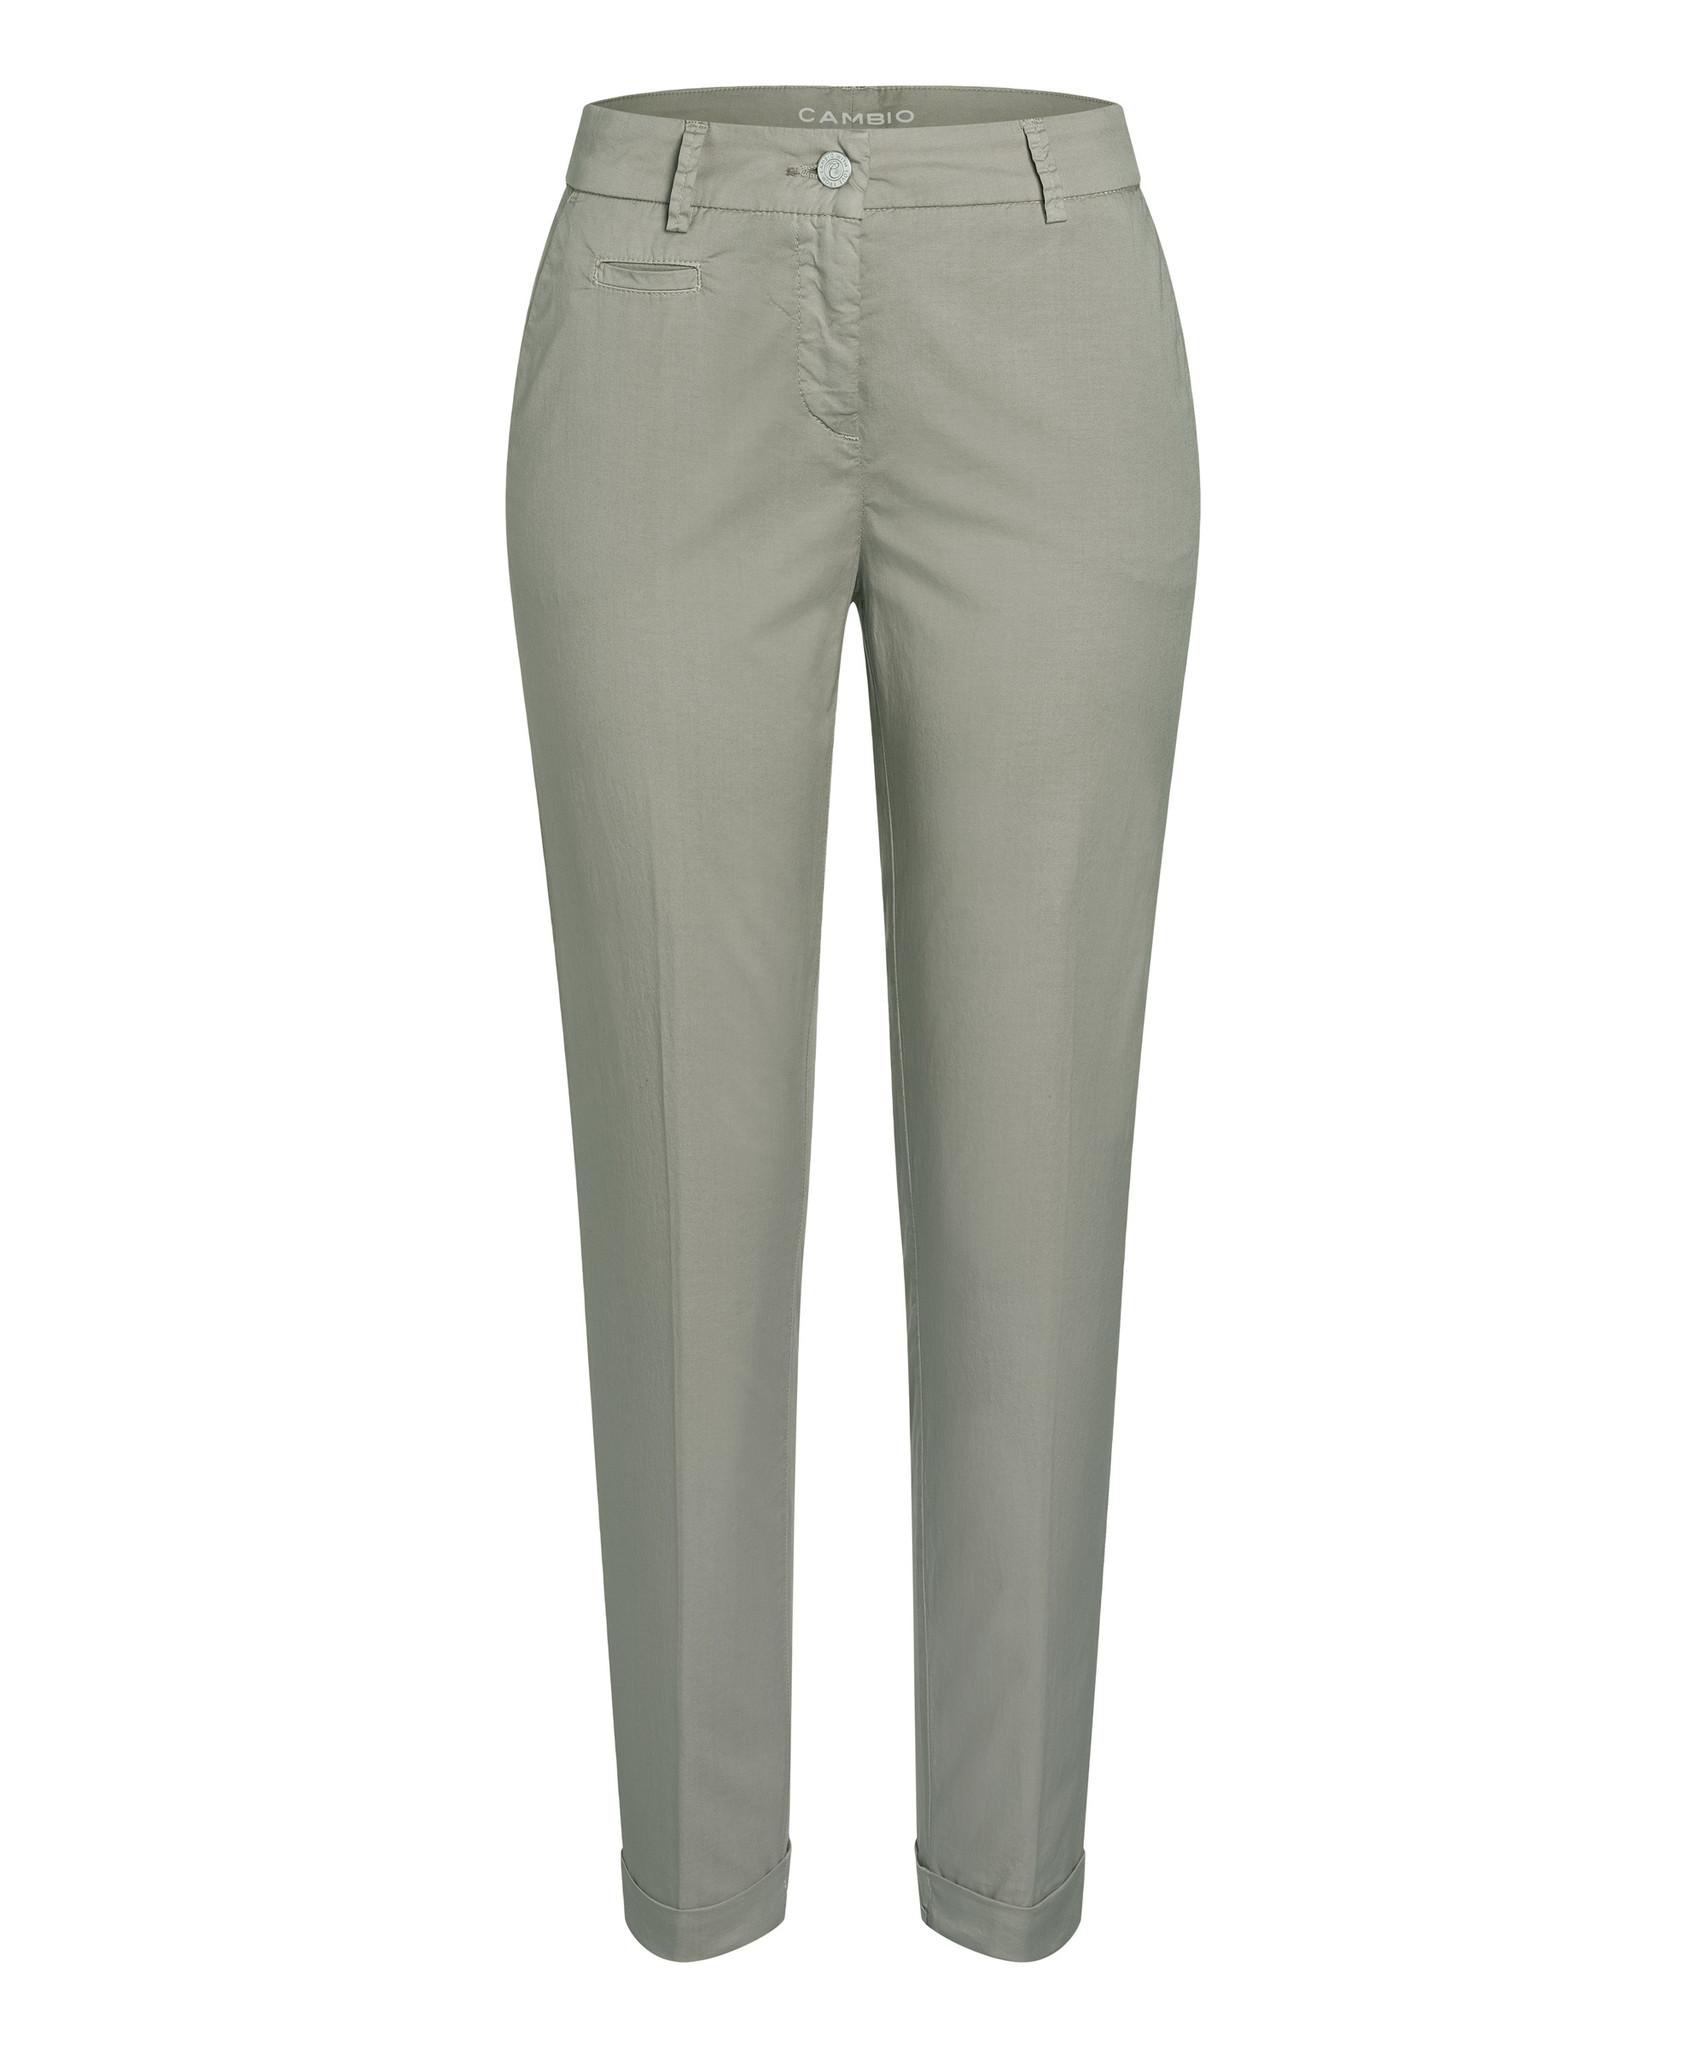 Cambio trouser 7642 STELLA-1